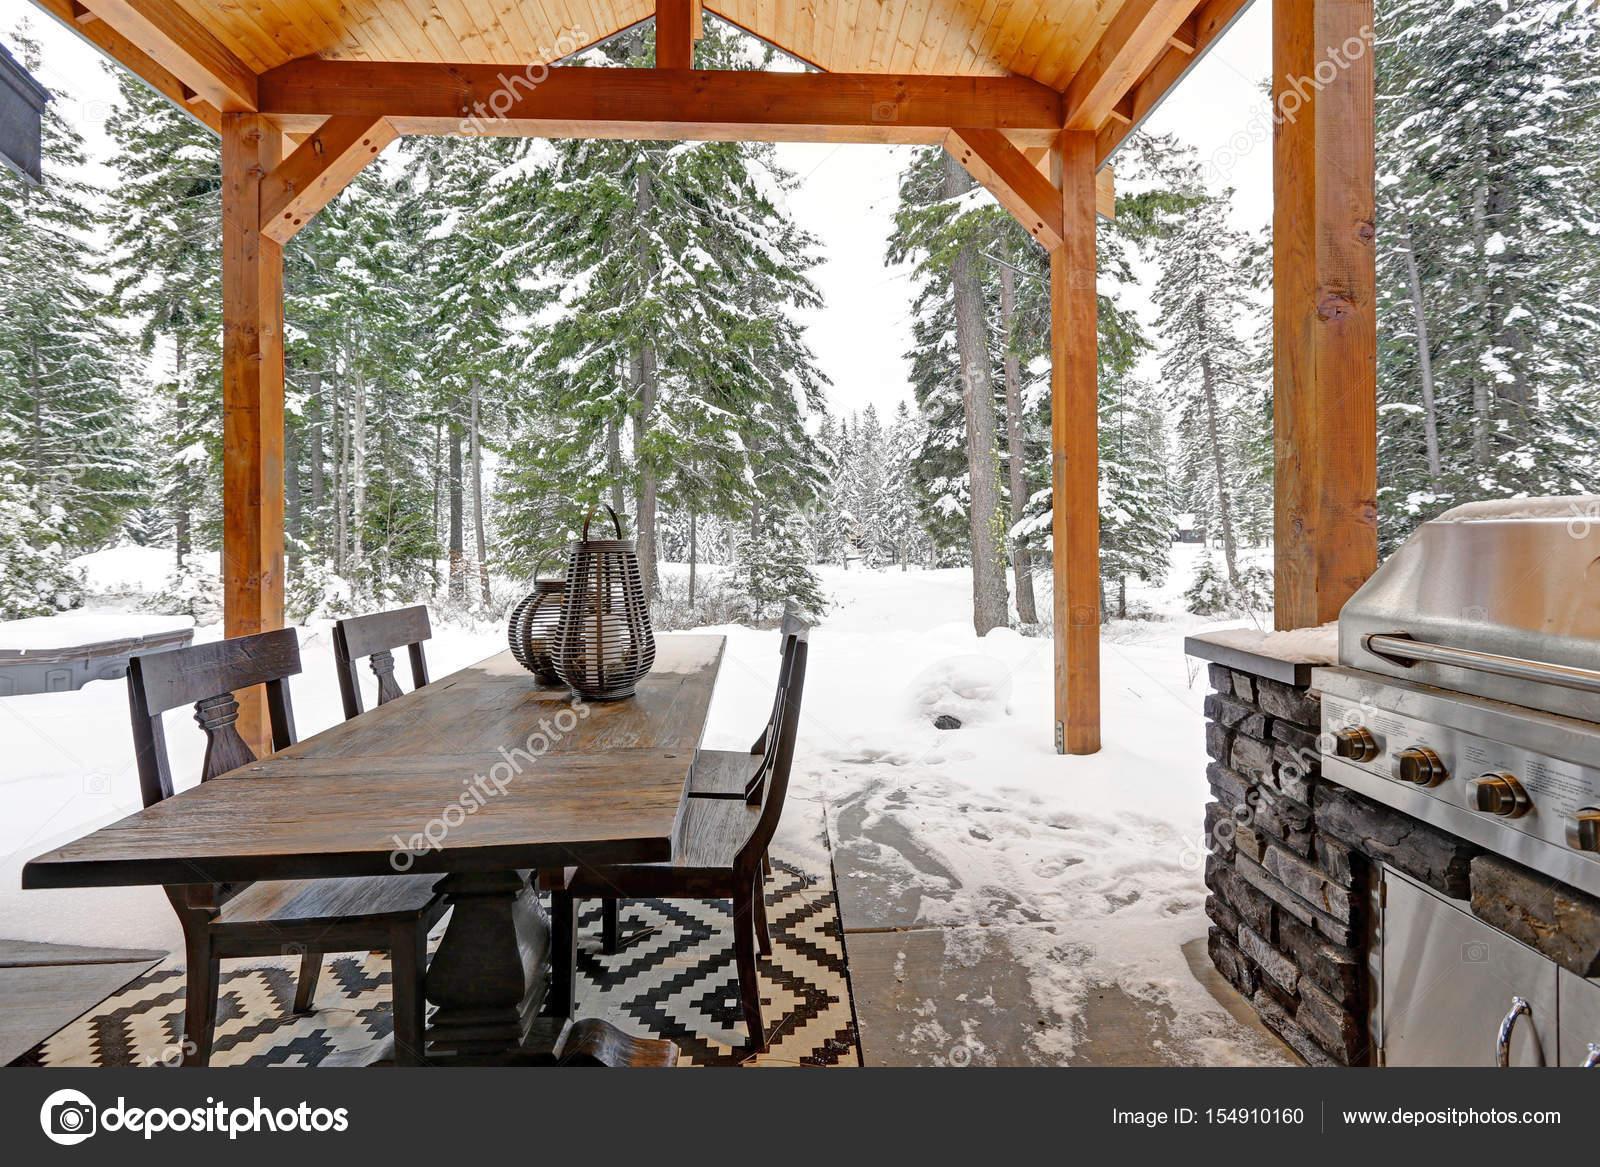 Edelstahl Tür Outdoor Küche : Einbautüren outdoor küche outdoorküche mit fire magic grill